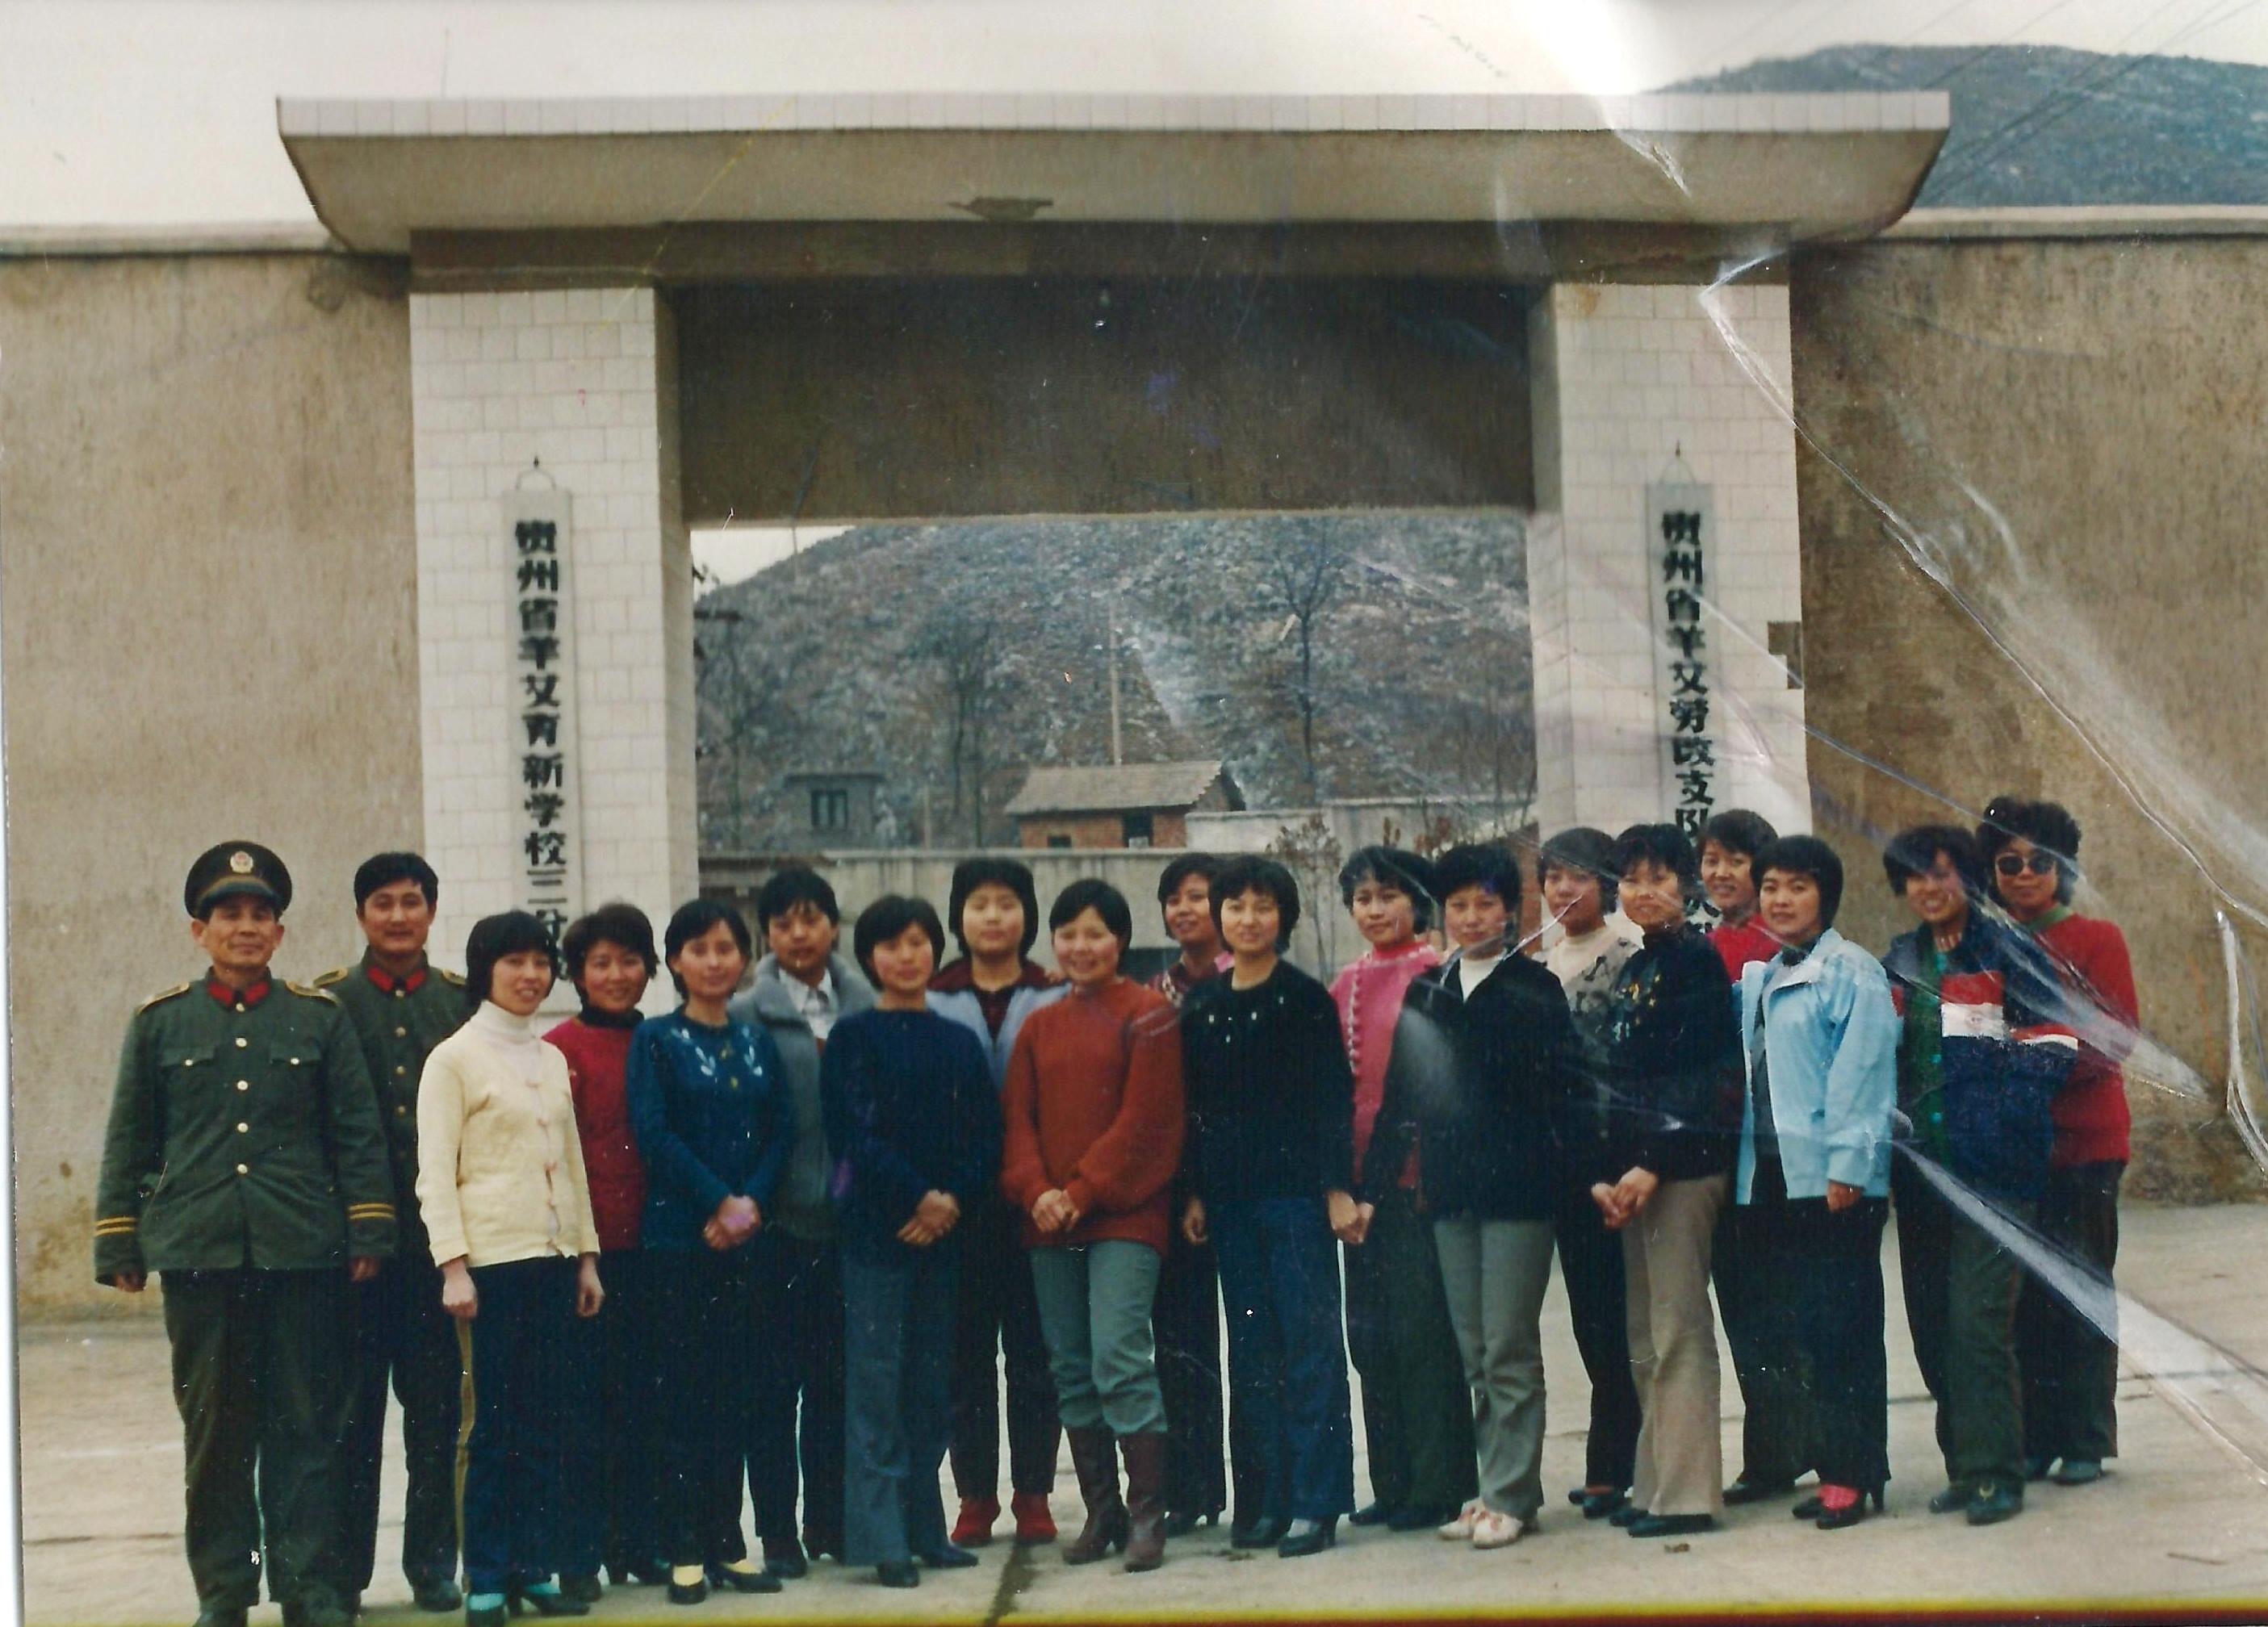 1989年春節 女劳改人员宣传队将到其他劳改场所表演前的合影(中间黄衣服者是张菁)。攝於貴州羊艾女子勞改茶場